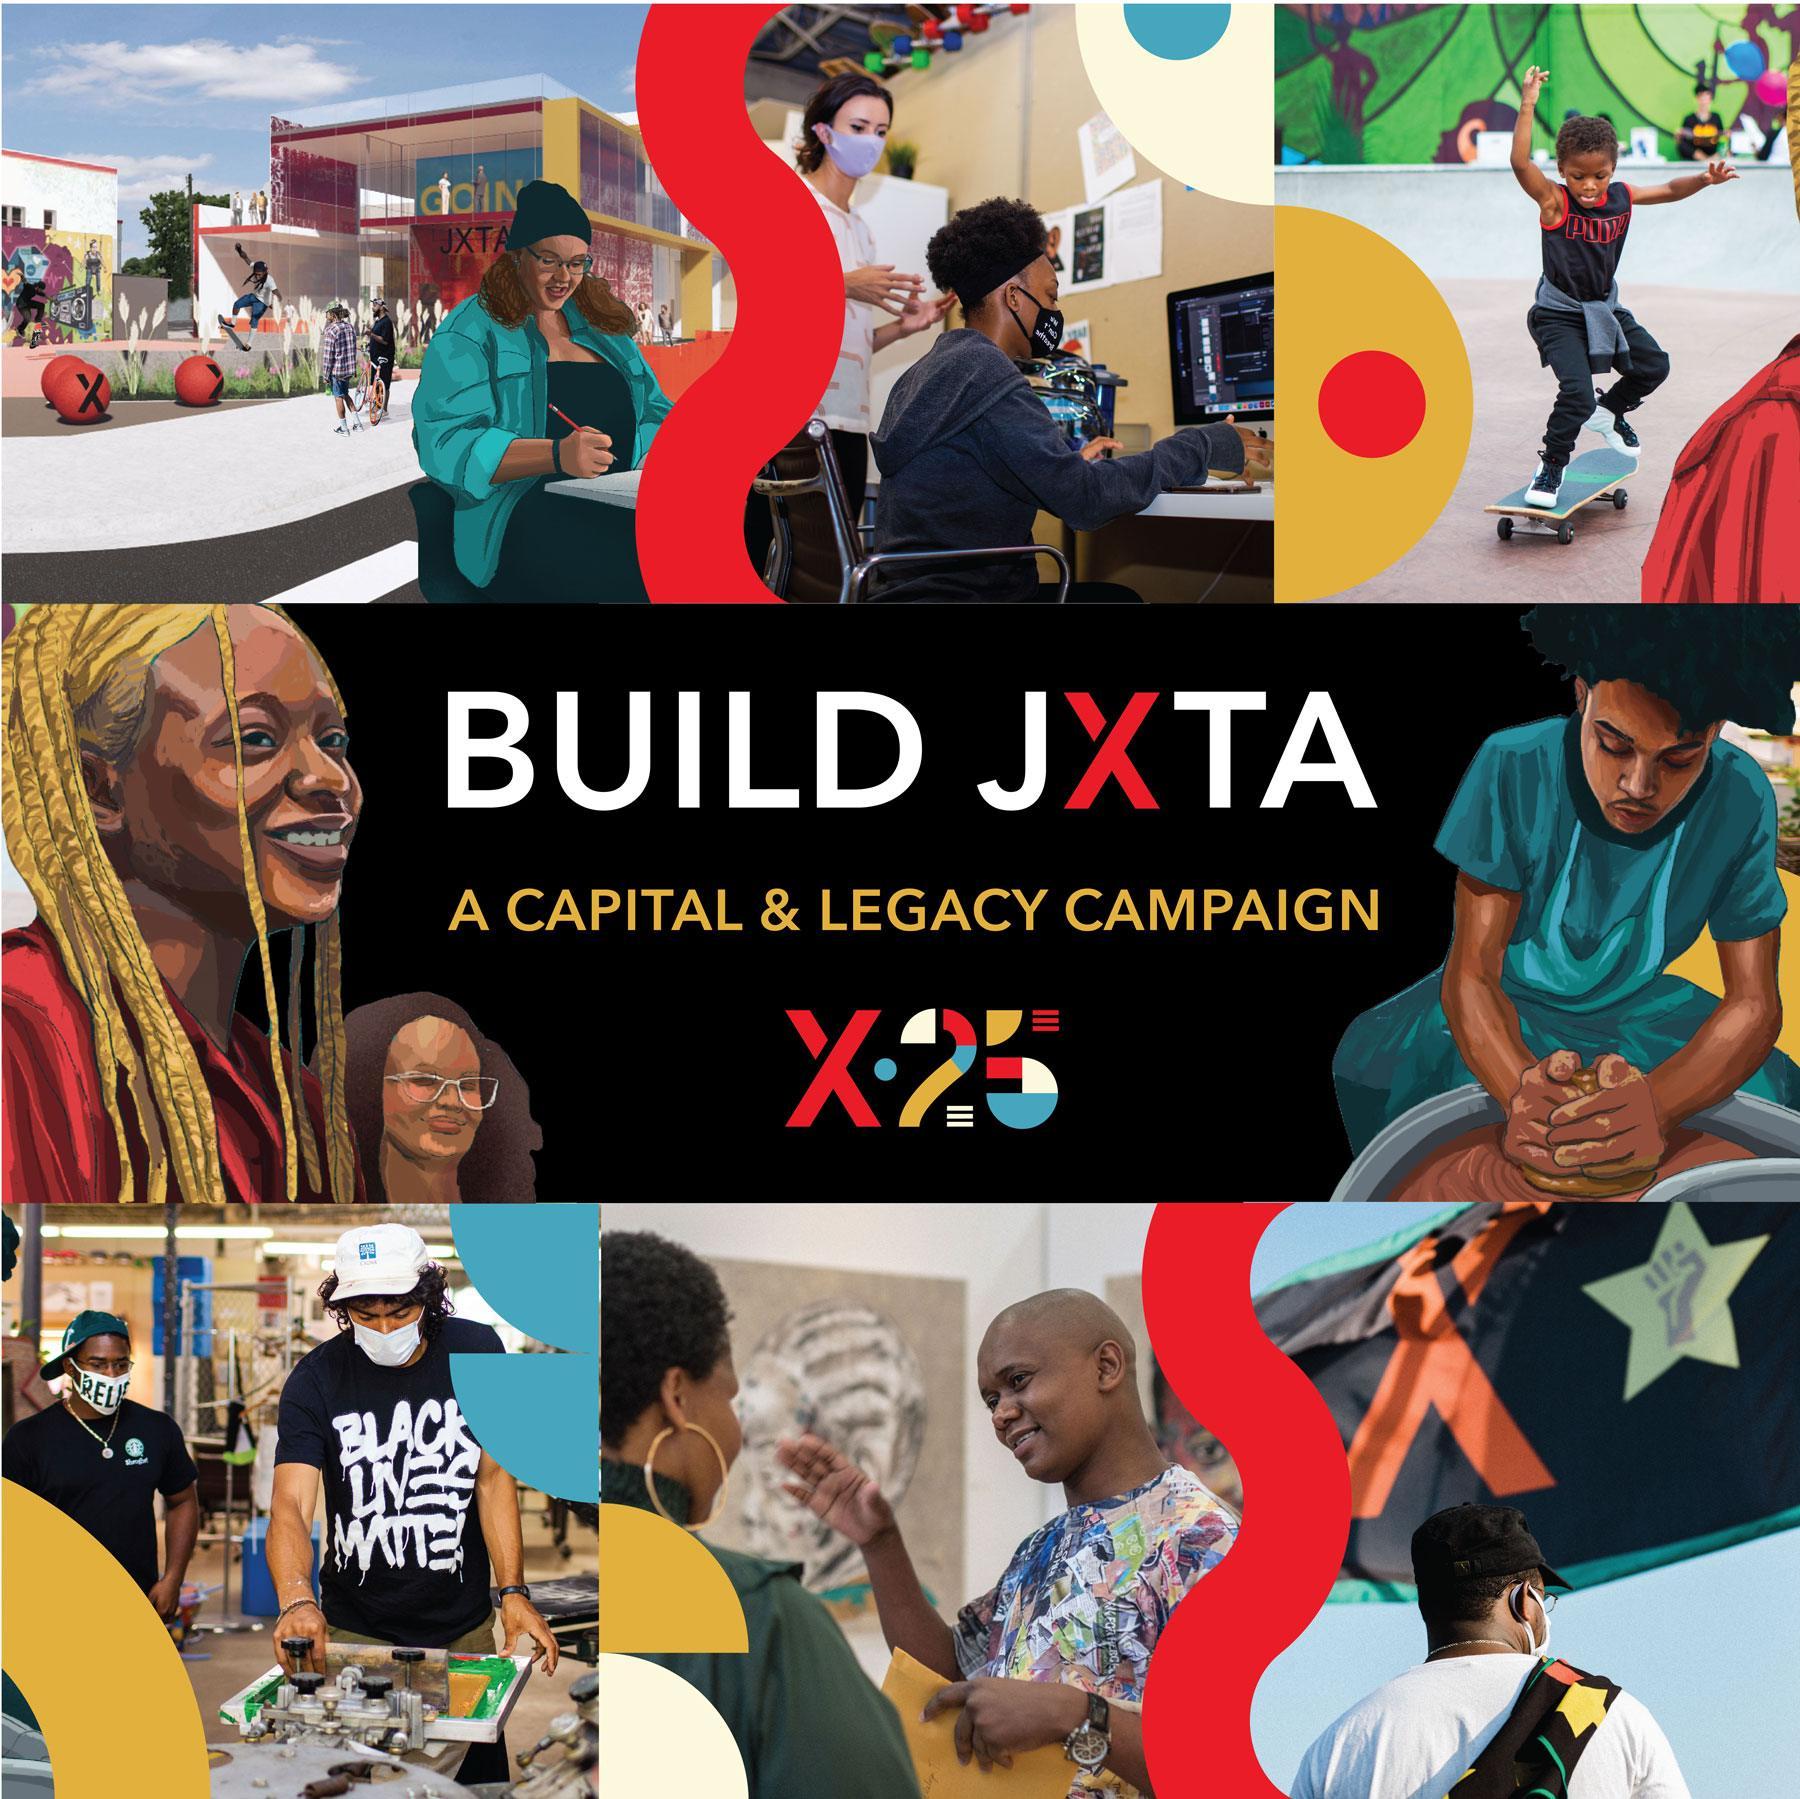 Build JXTA